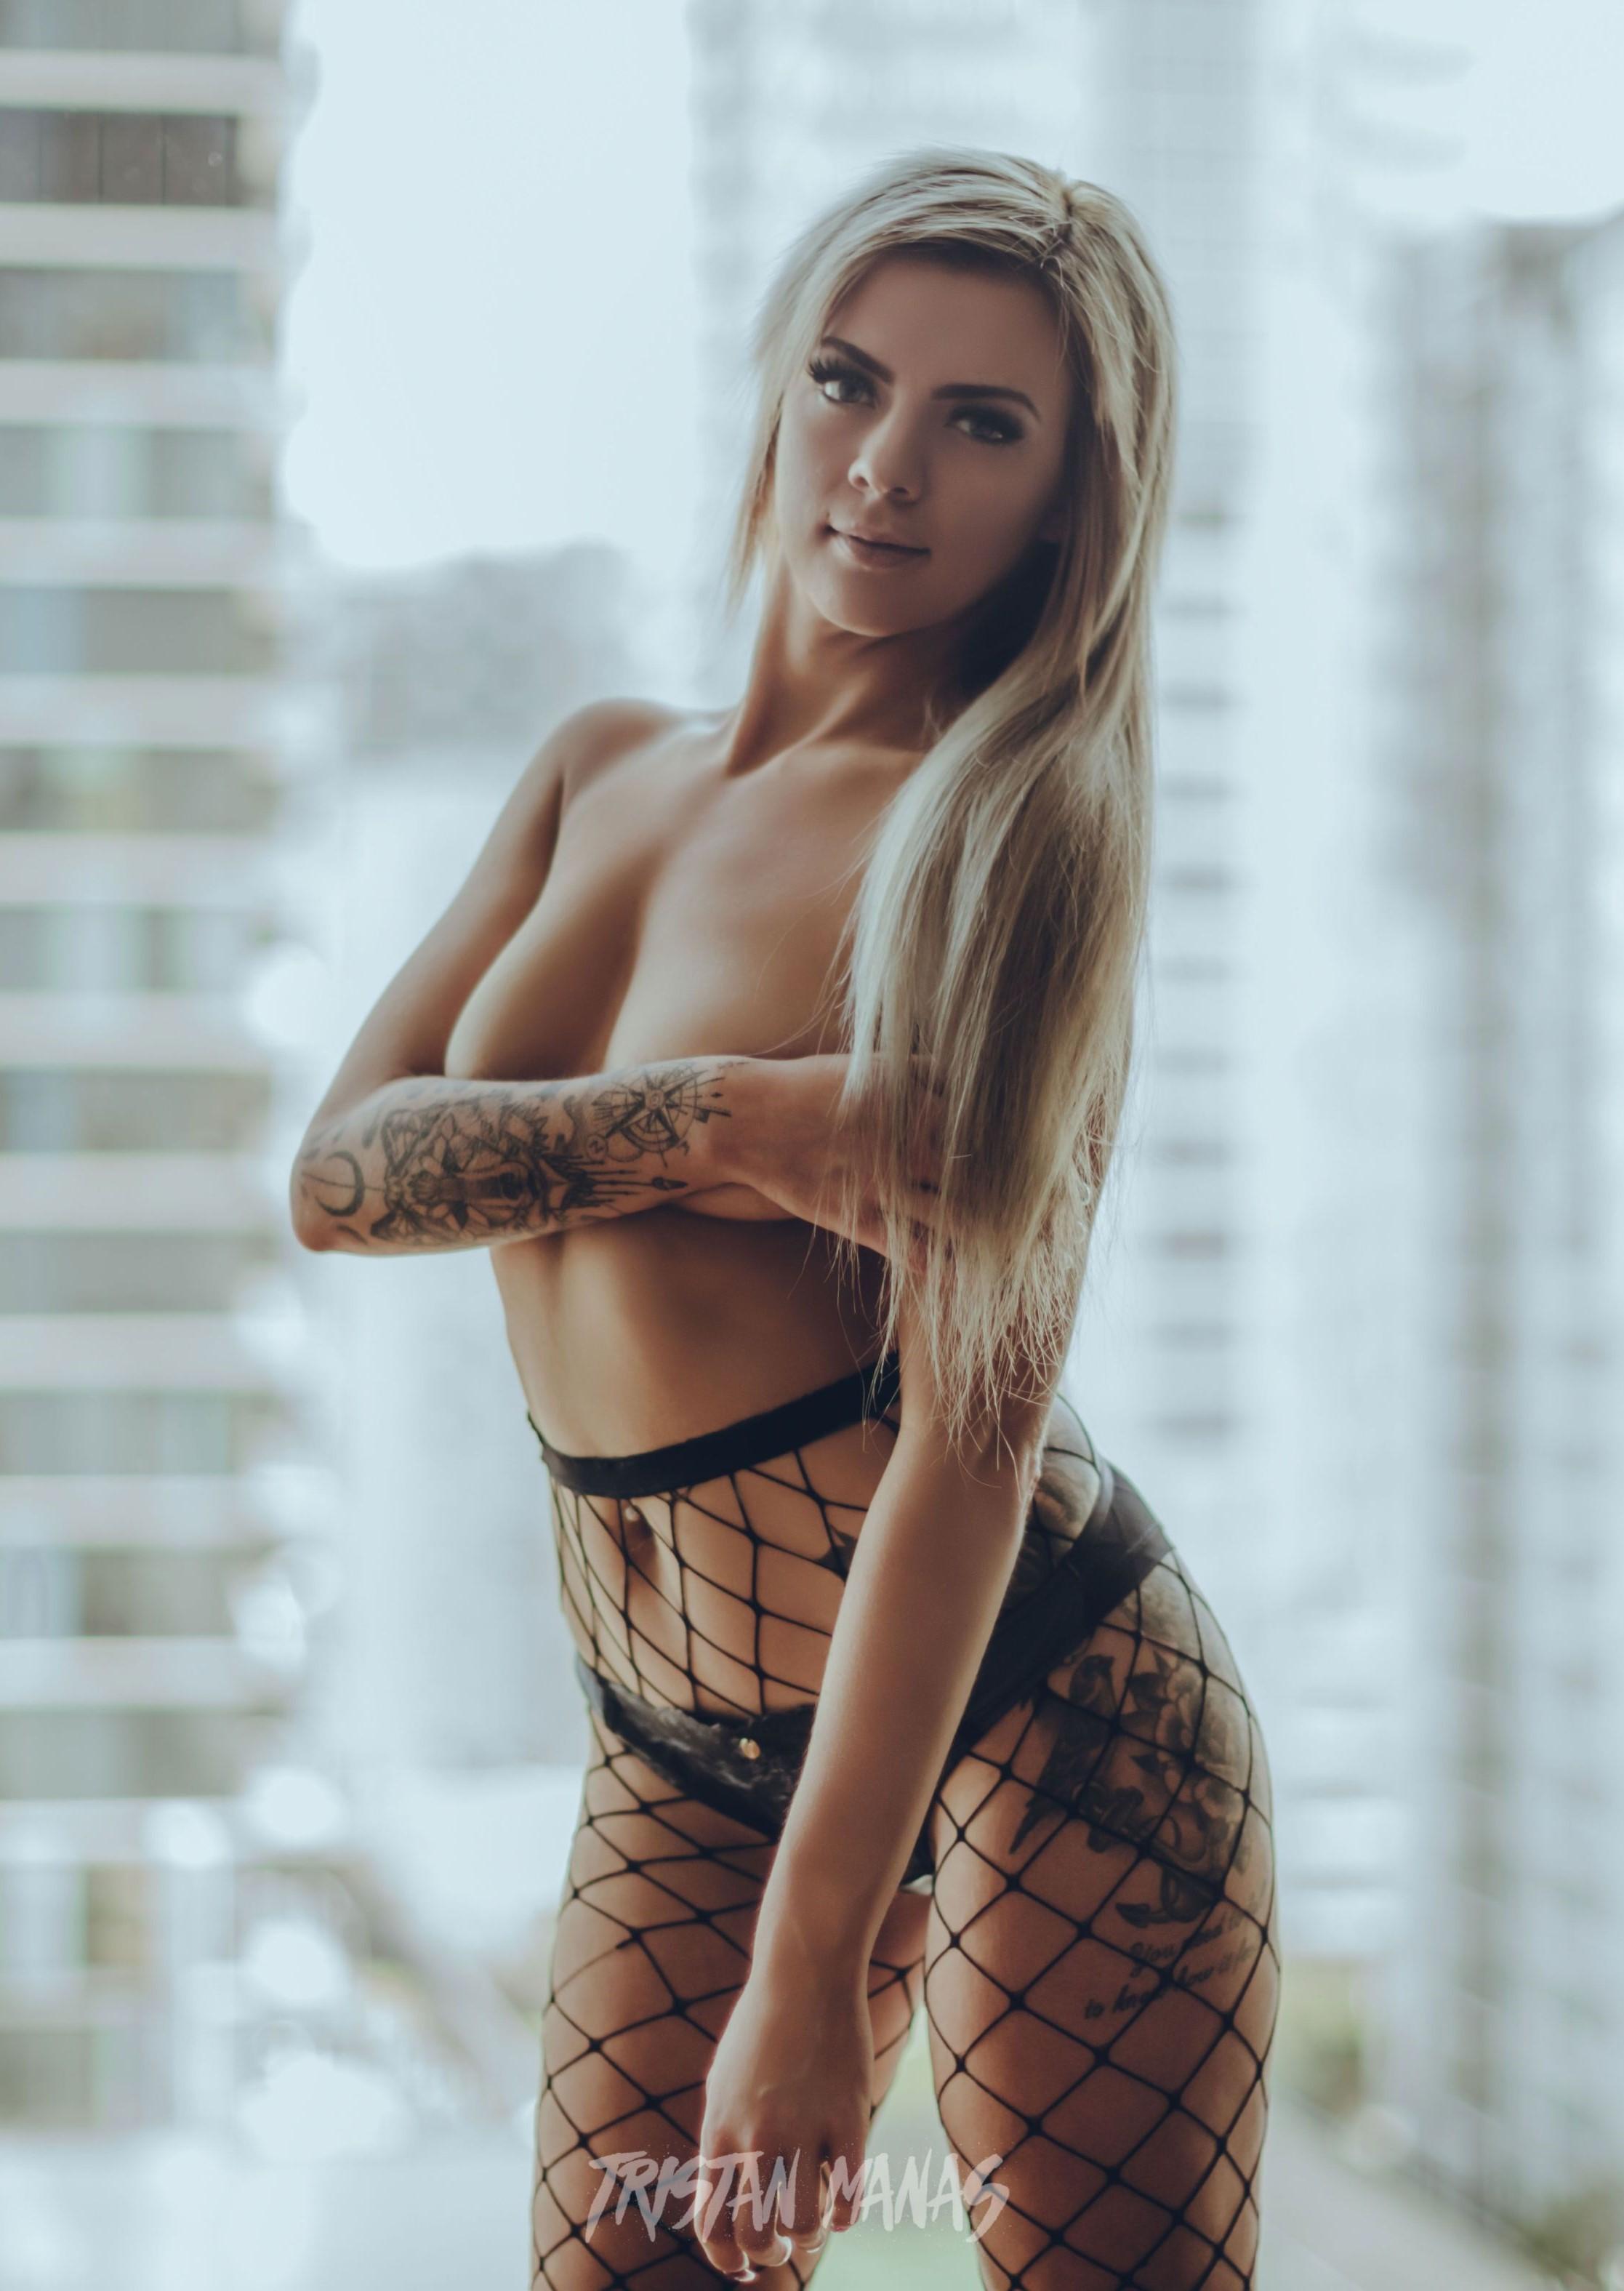 Candice hotel erotica sexy stripers